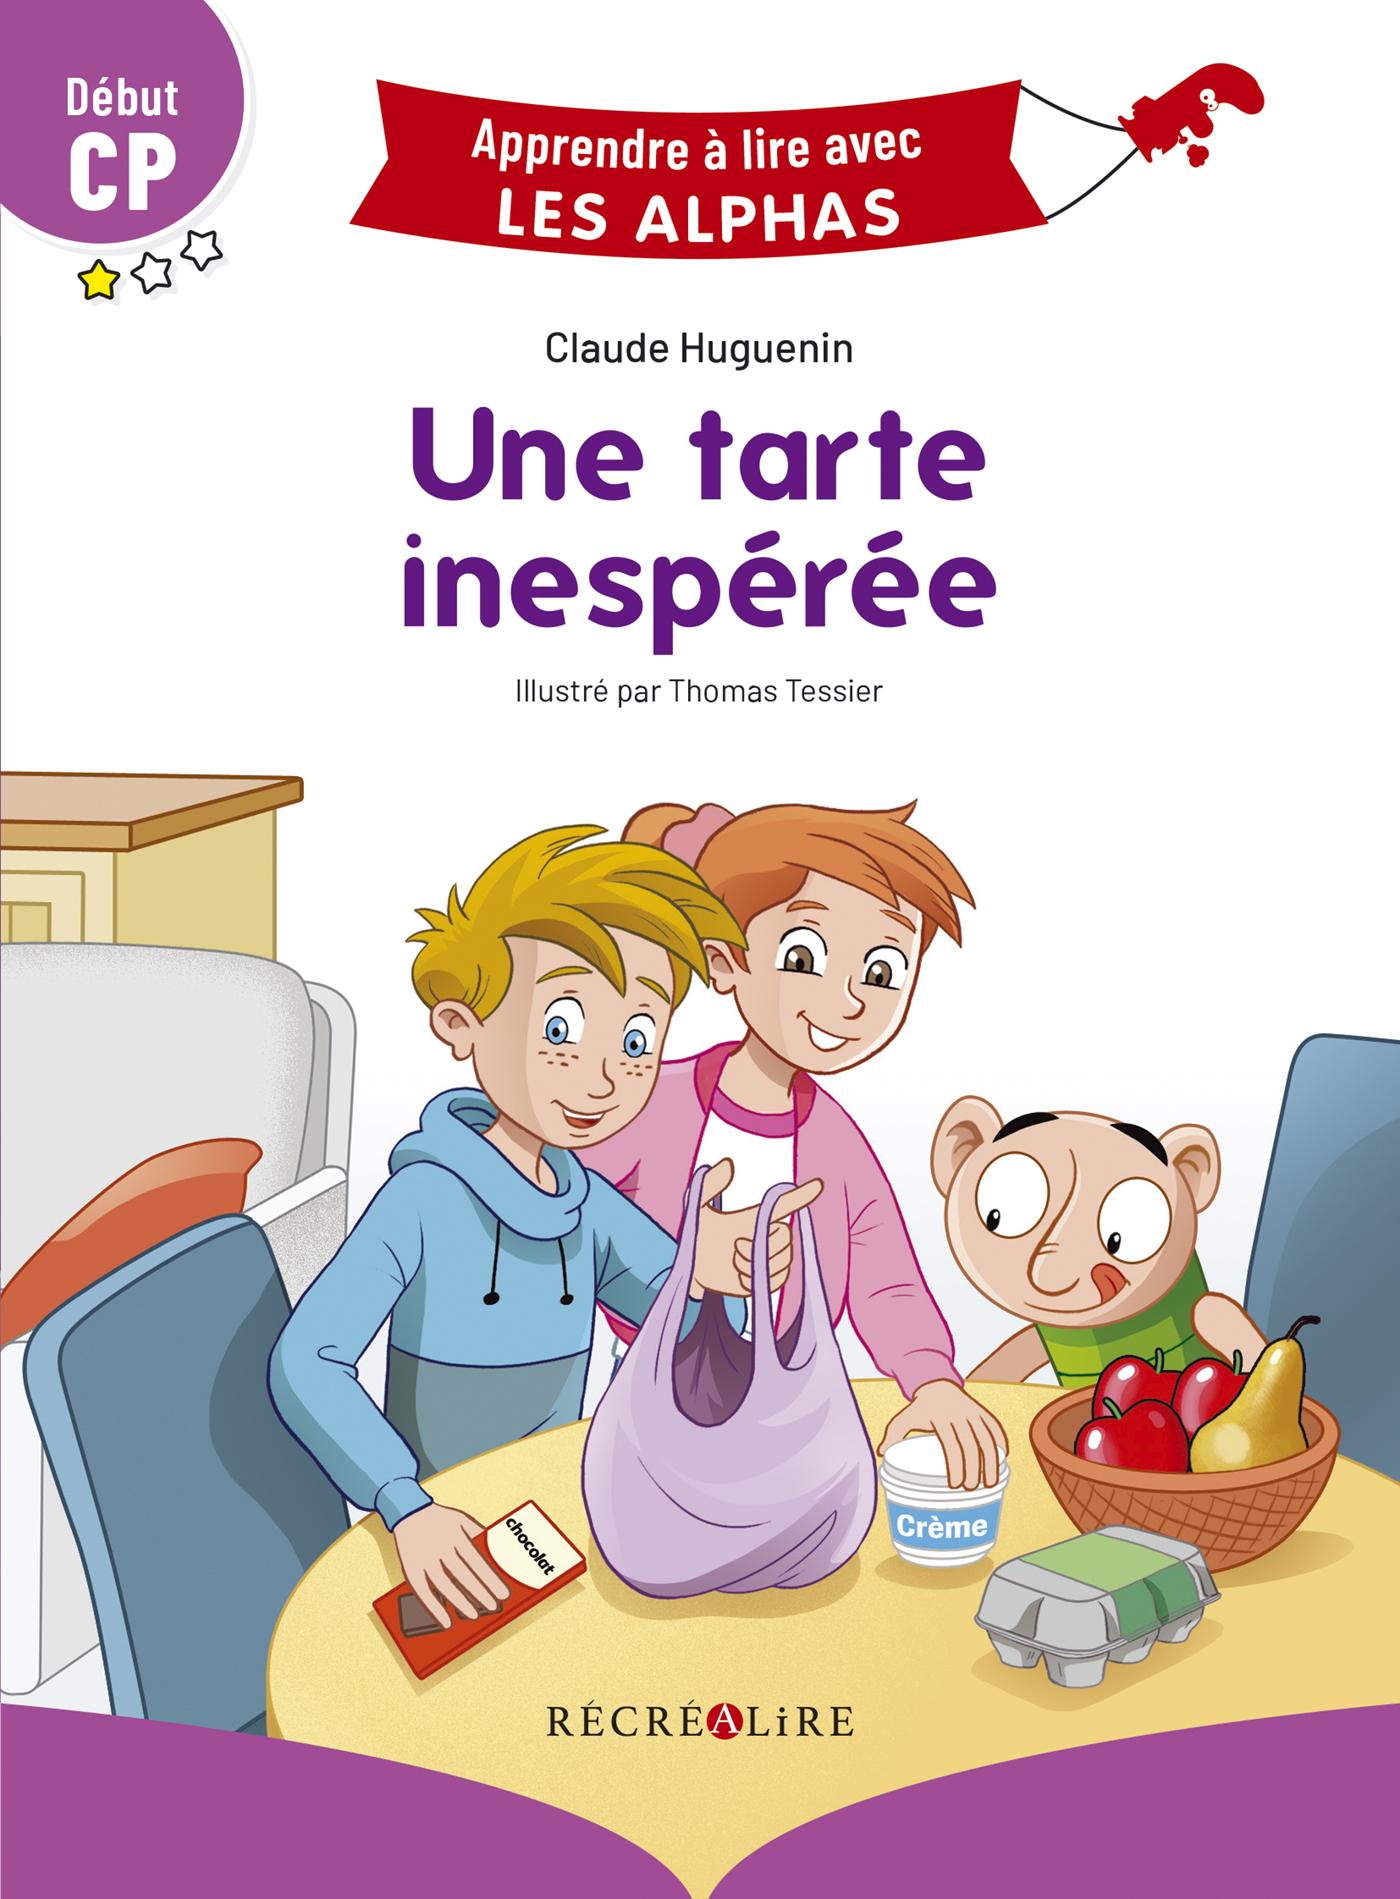 Collection à destination des enfants à partir de 5 ans pour apprendre la lecture.